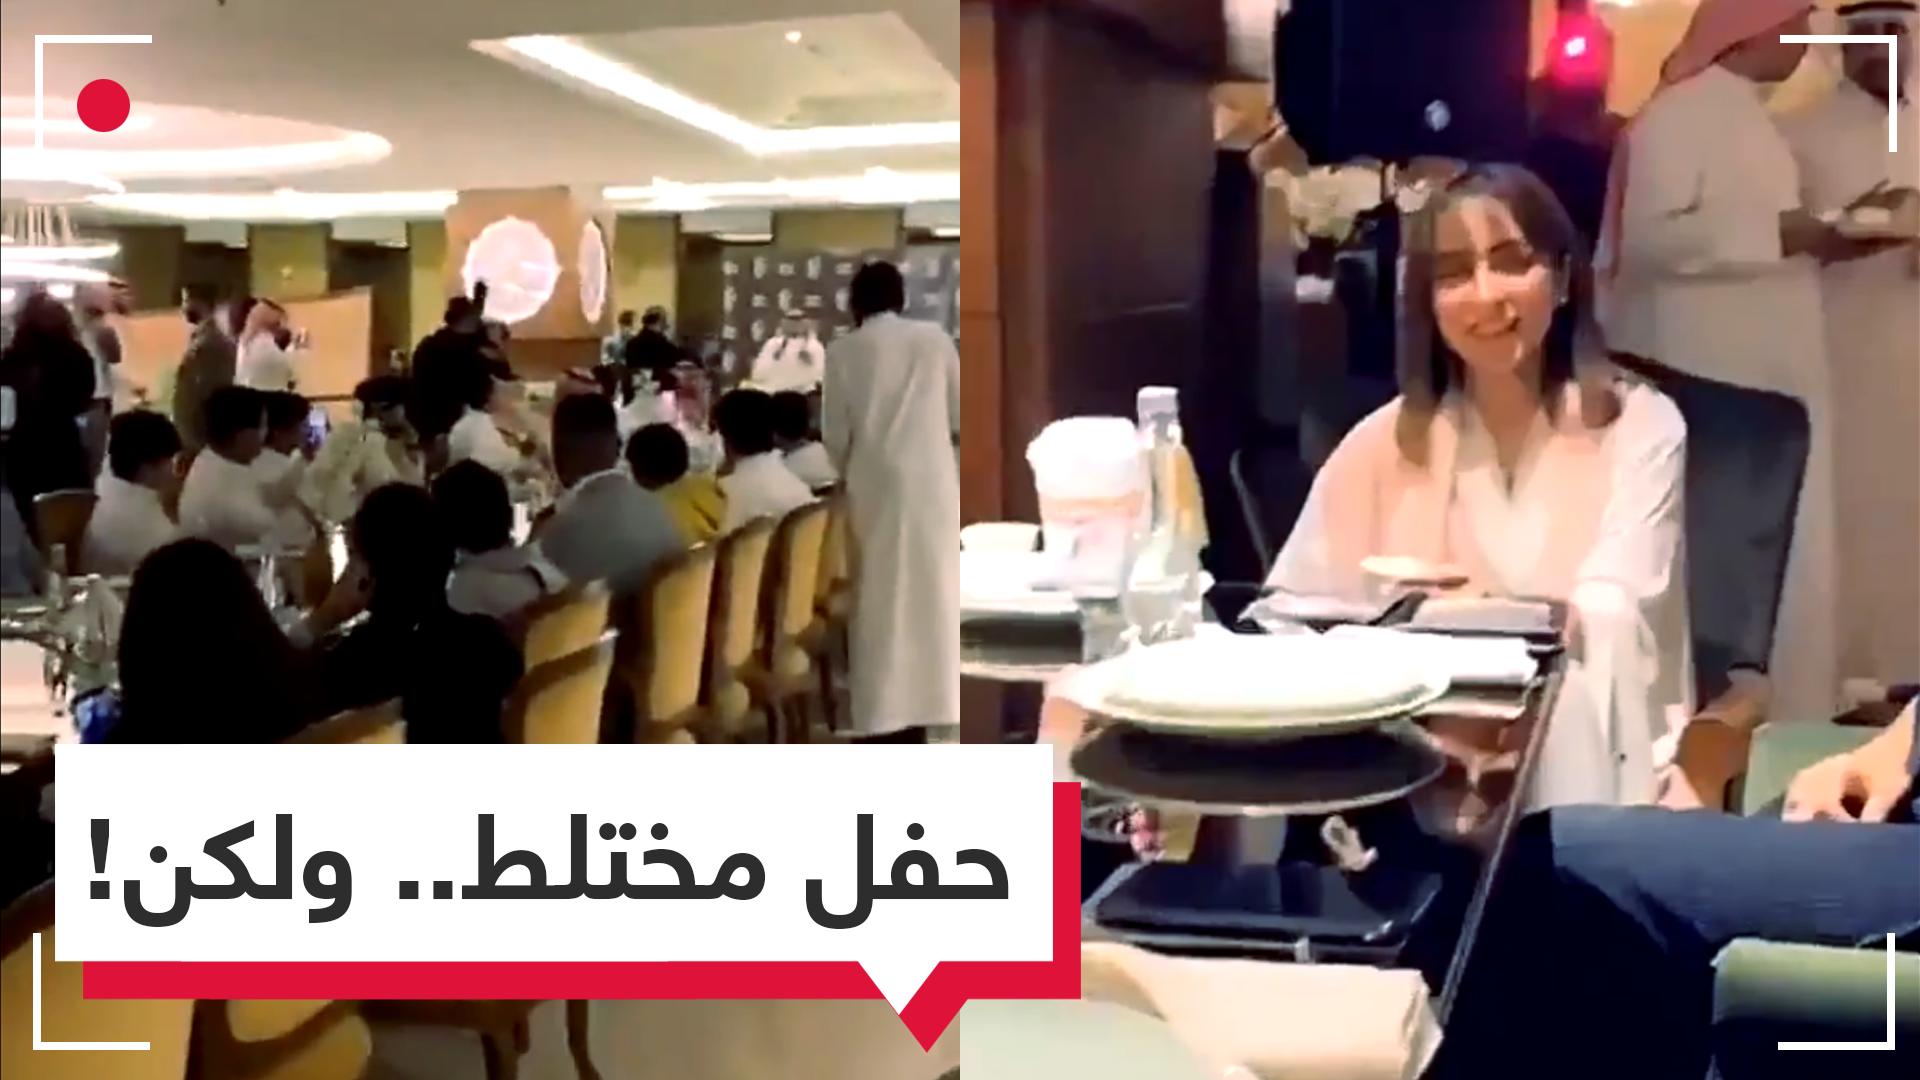 اختلط فيه الرجال والنساء.. حفل إفطار يغضب السعوديين على مواقع التواصل